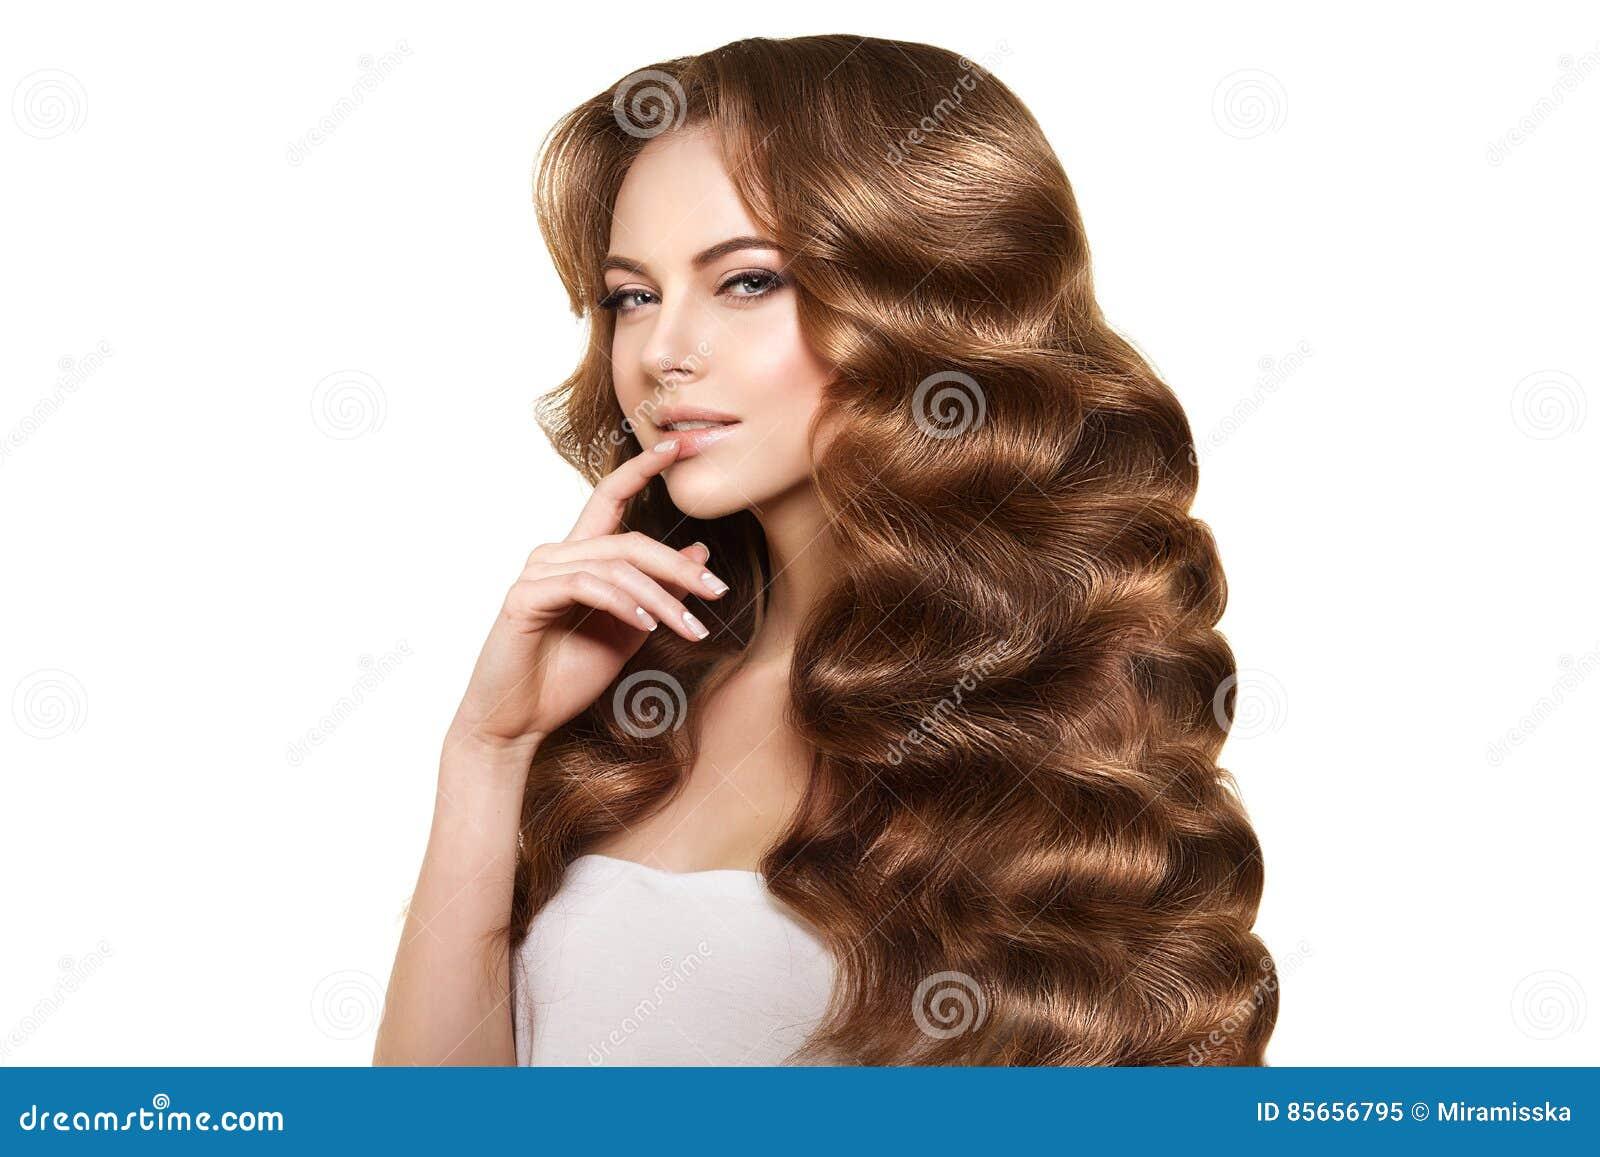 Lange schwarze haare von hinten